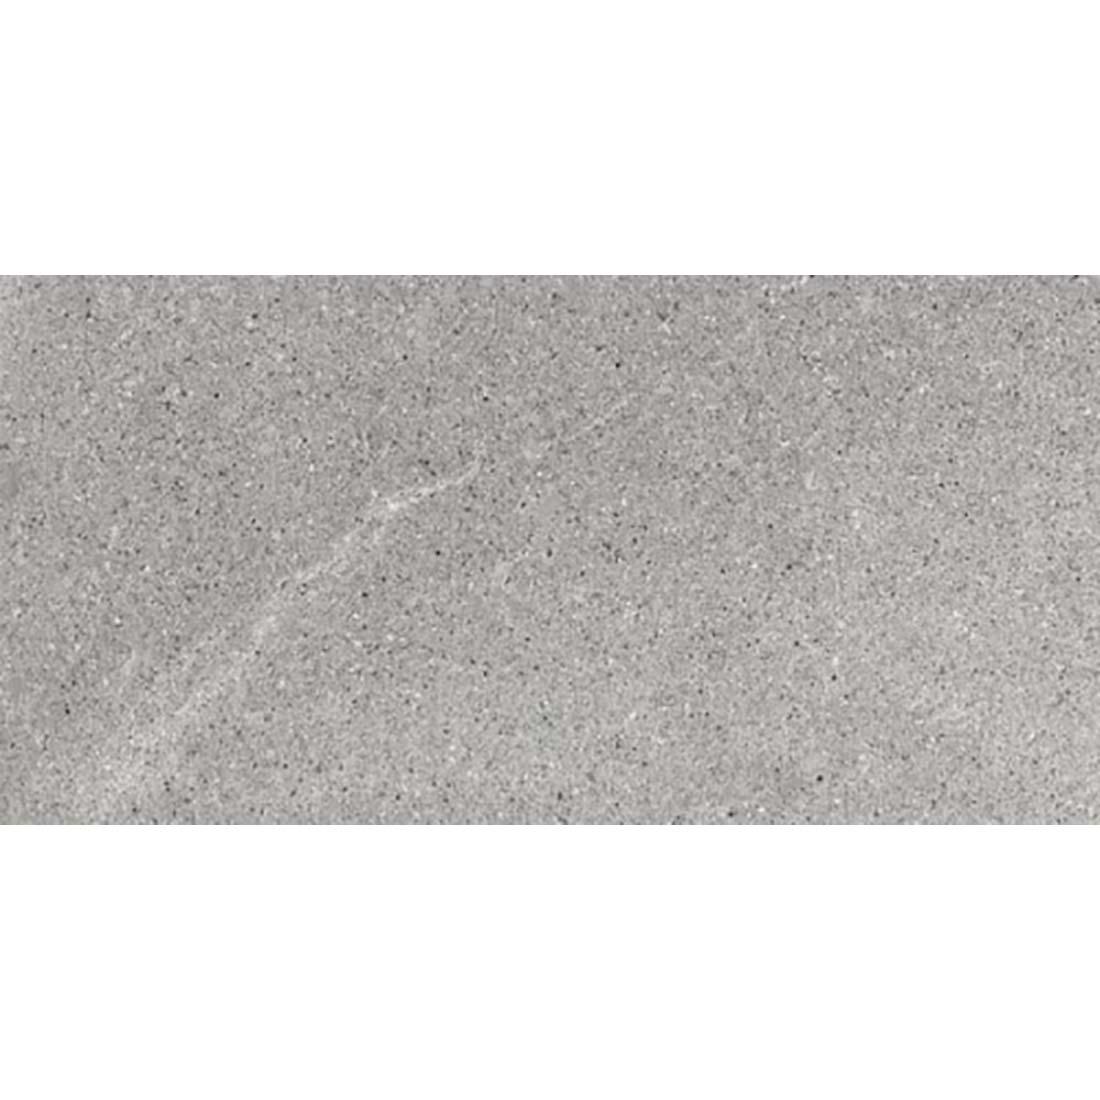 Jeju 30x60 Dark Grey Matt R11 1